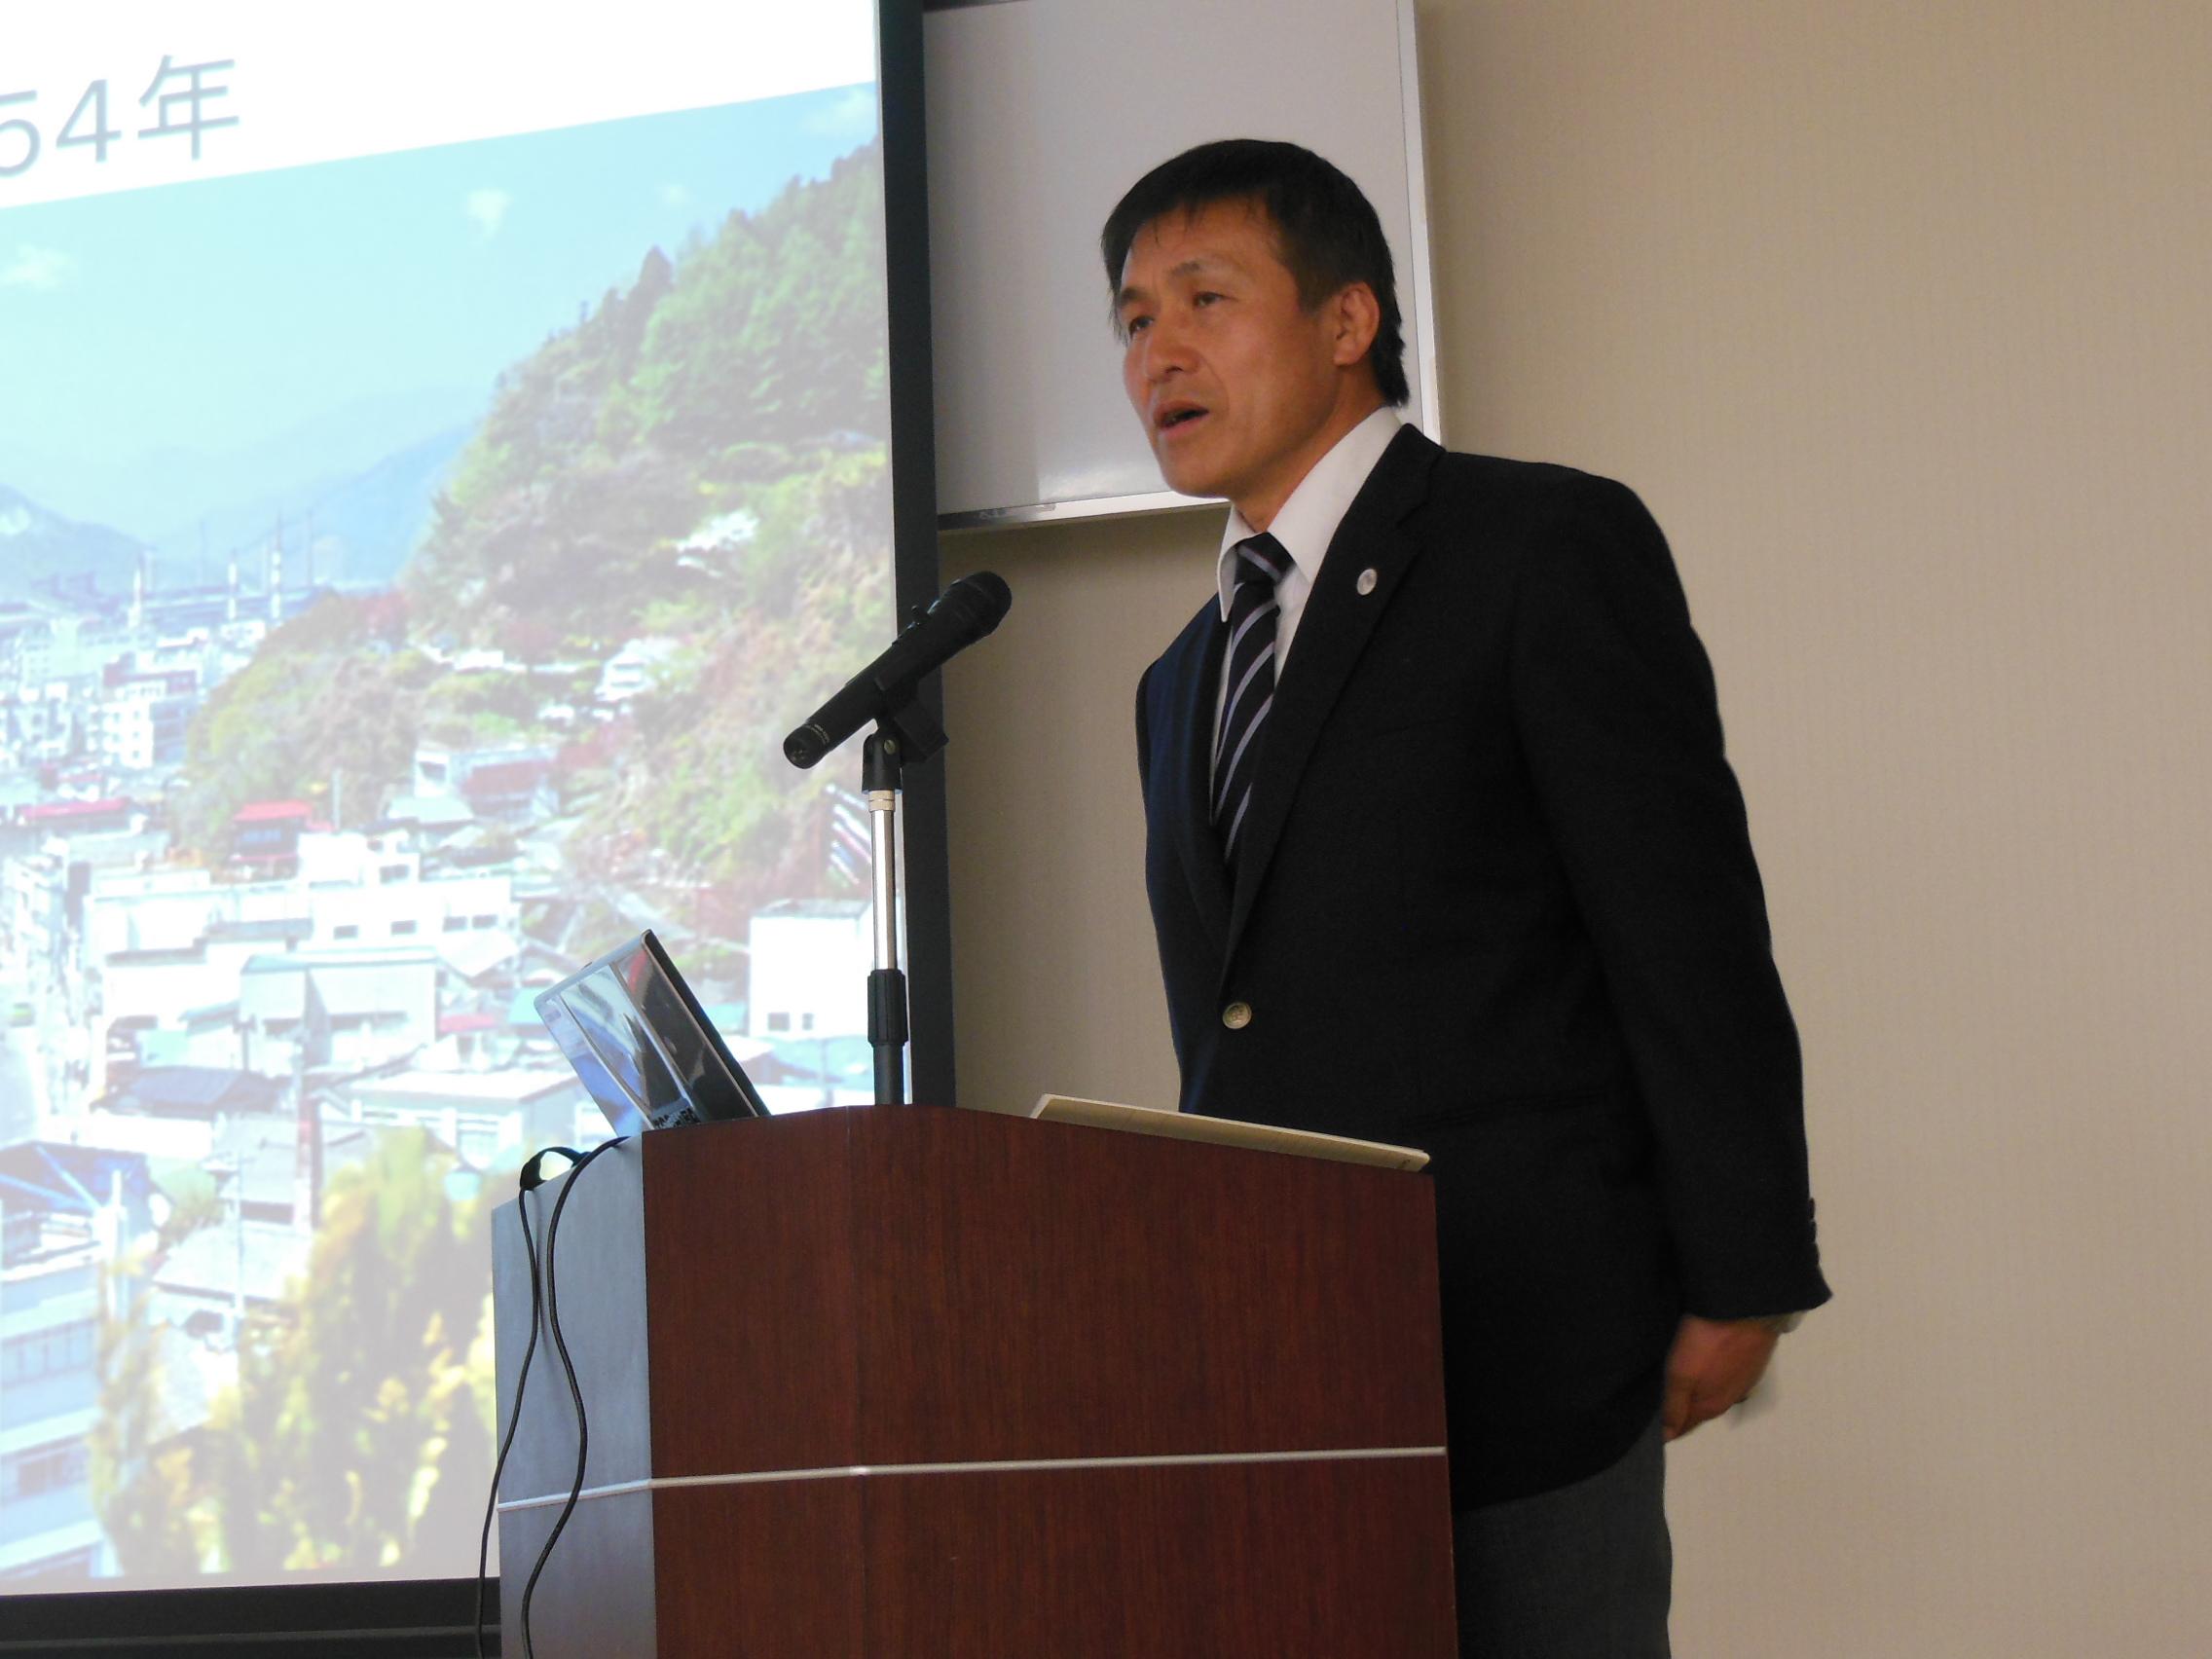 愛知県東海市にて「2019RWC釜石誘致 タウンミーティング in 東海」開催